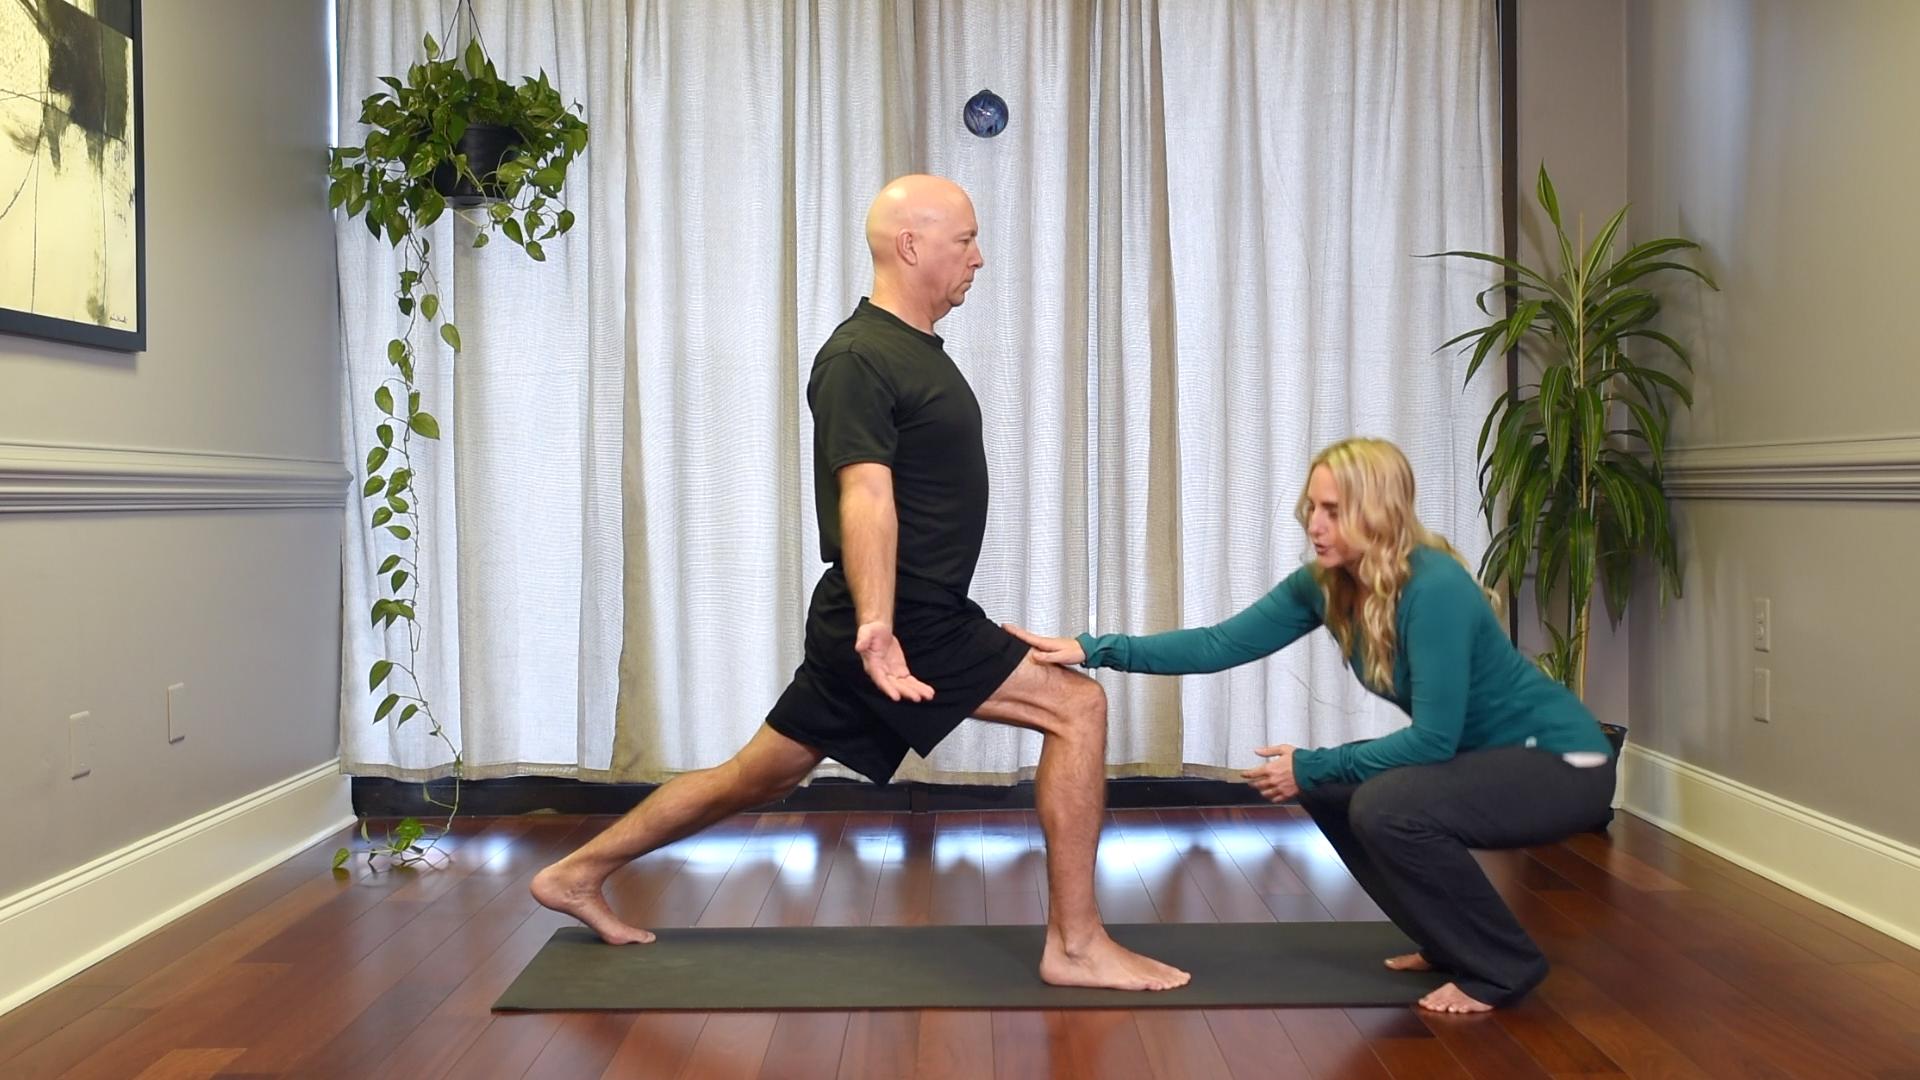 Alicia Bliss Beginner Yoga for Seniors